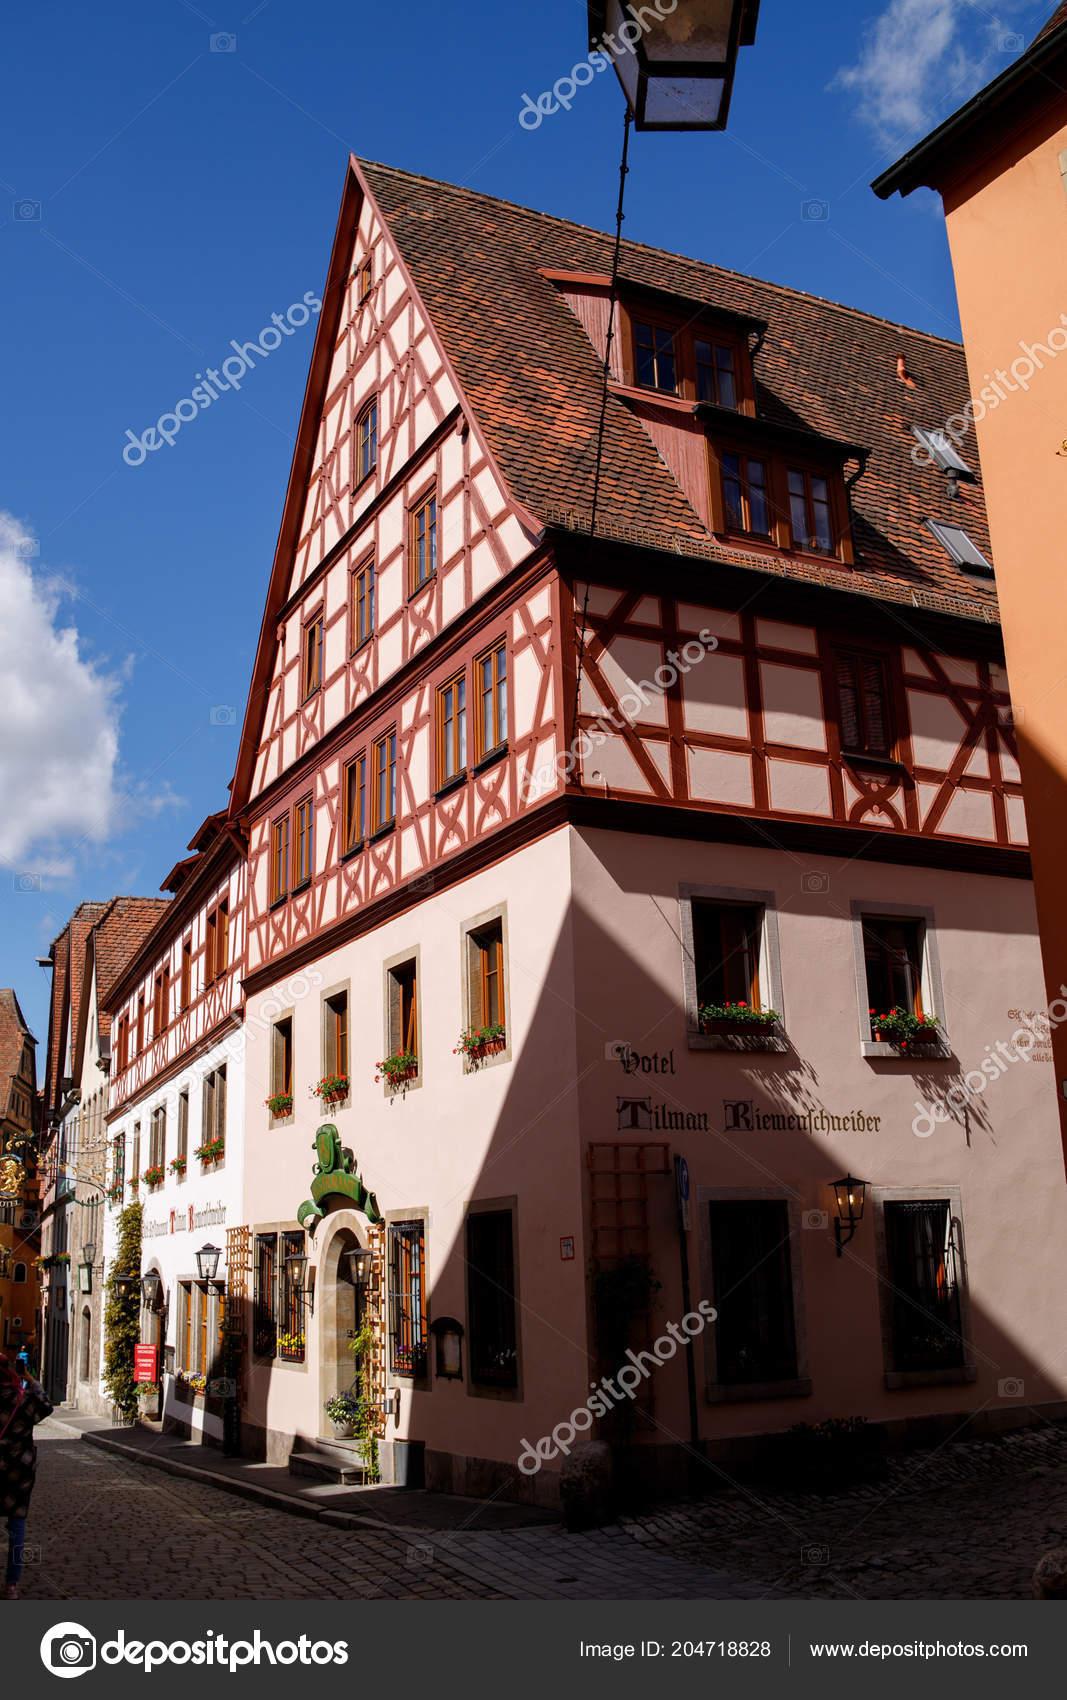 Schone Aussicht Auf Die Altstadt Von Rothenburg Der Tauber Franken